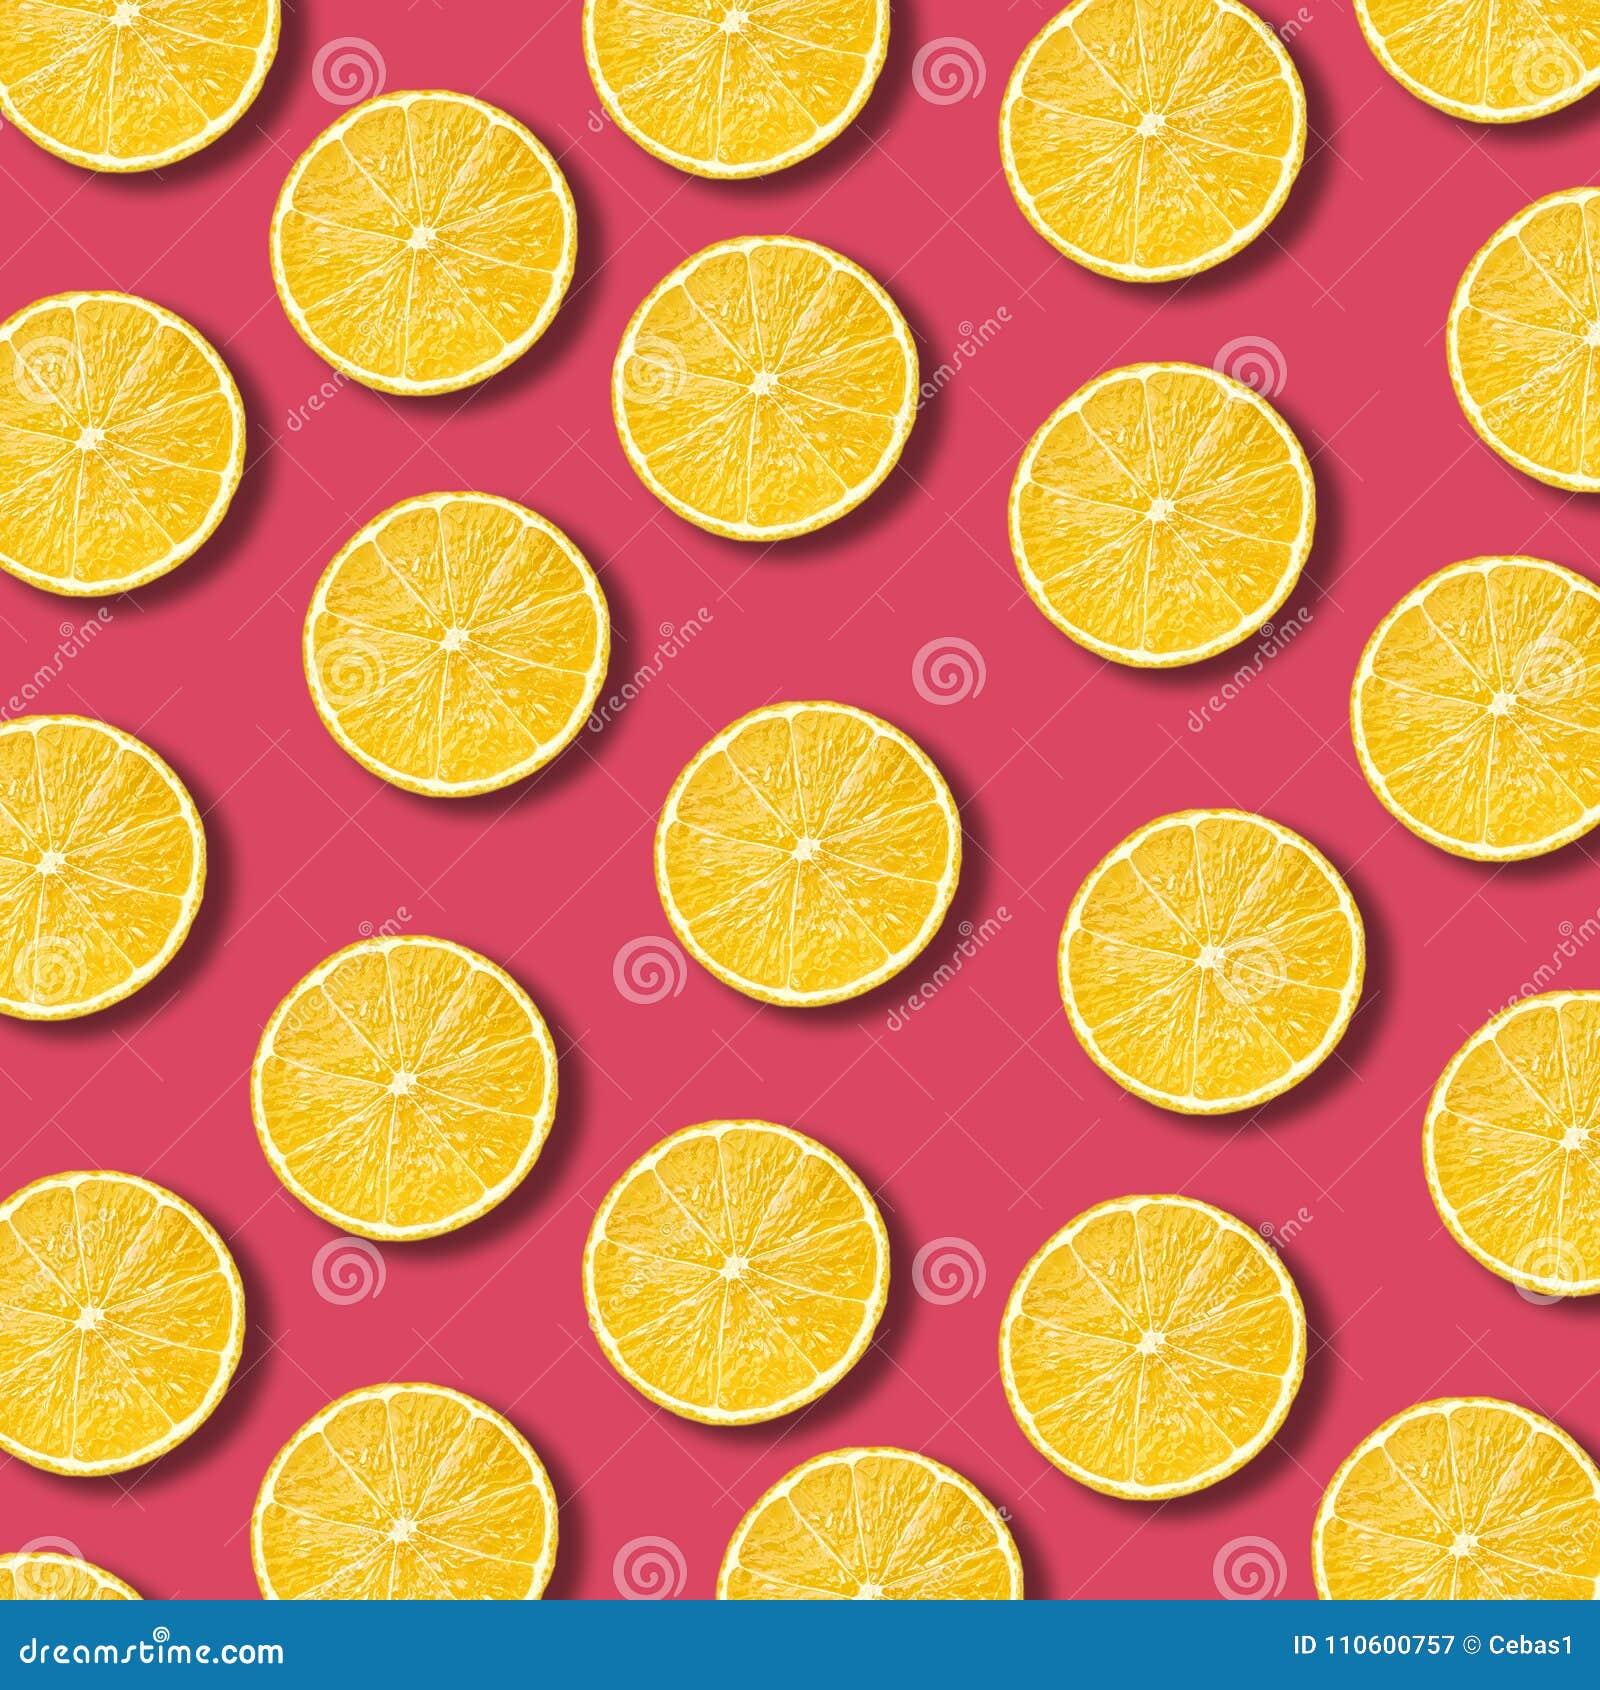 Le citron découpe le modèle en tranches sur le fond vibrant de couleur de grenade